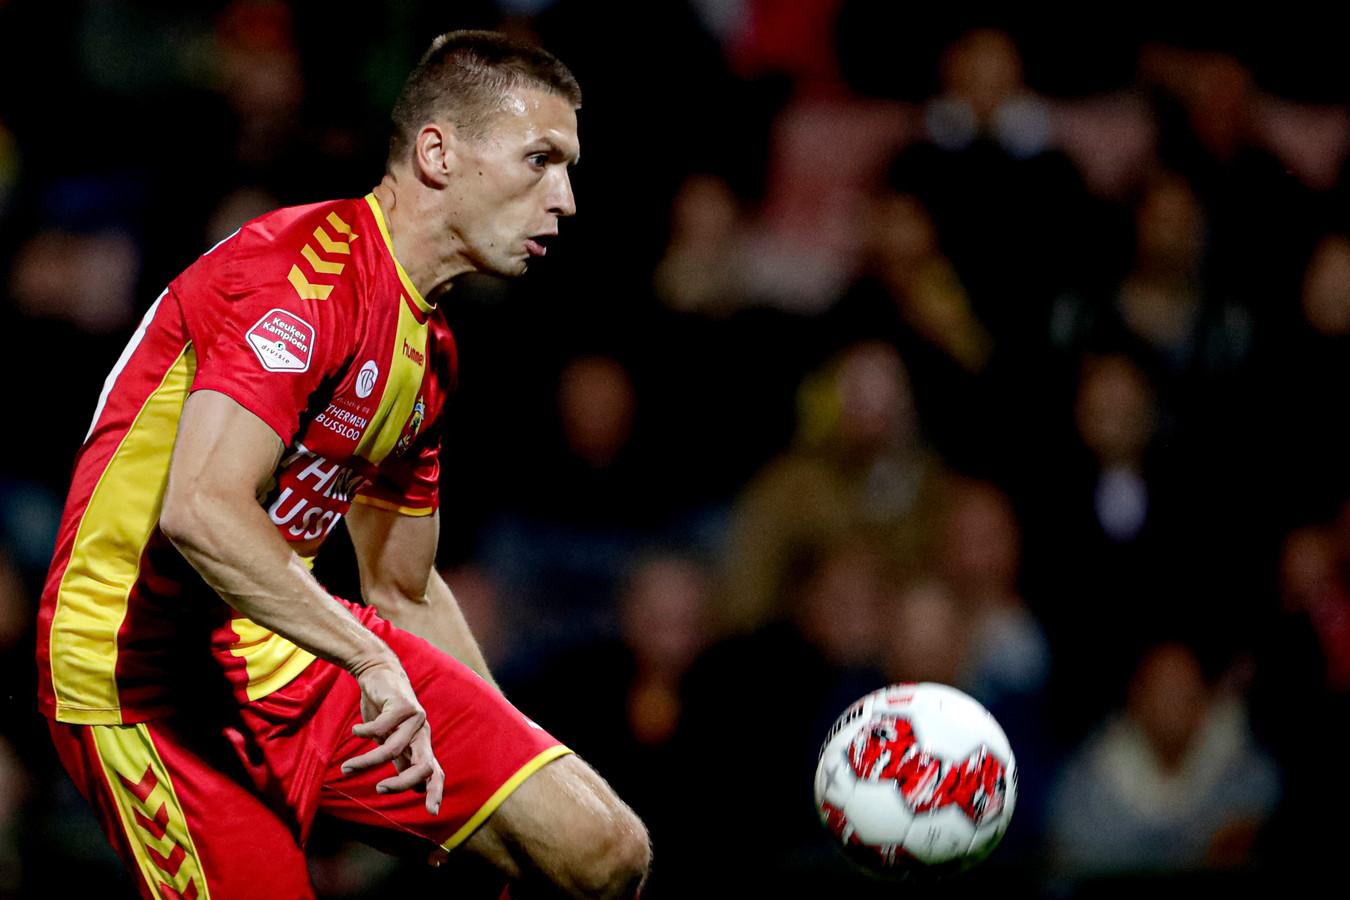 Alexander Bannink maakt vrijdag tegen Roda JC zijn rentree als basisspeler bij Go Ahead Eagles. De Tukker vervangt de geschorste Richard van der Venne.